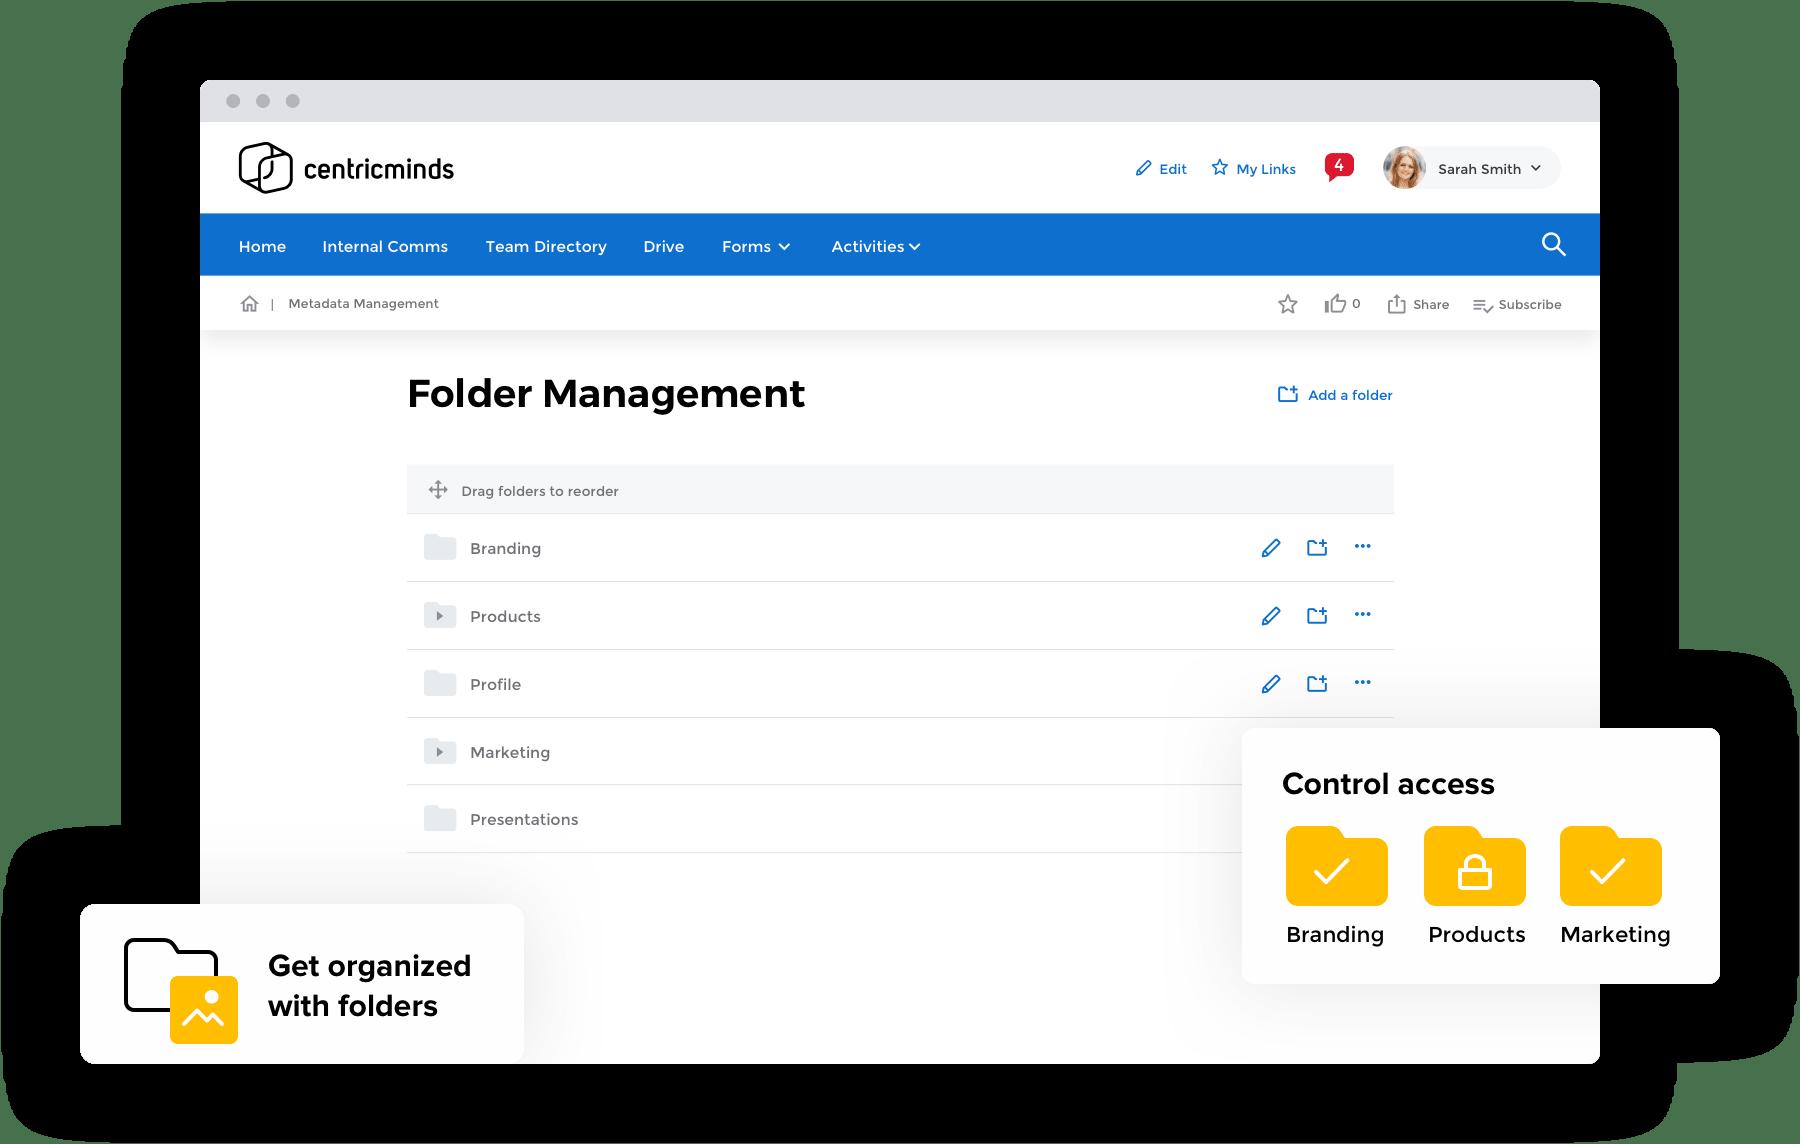 CentricMinds Digital Asset Management Software